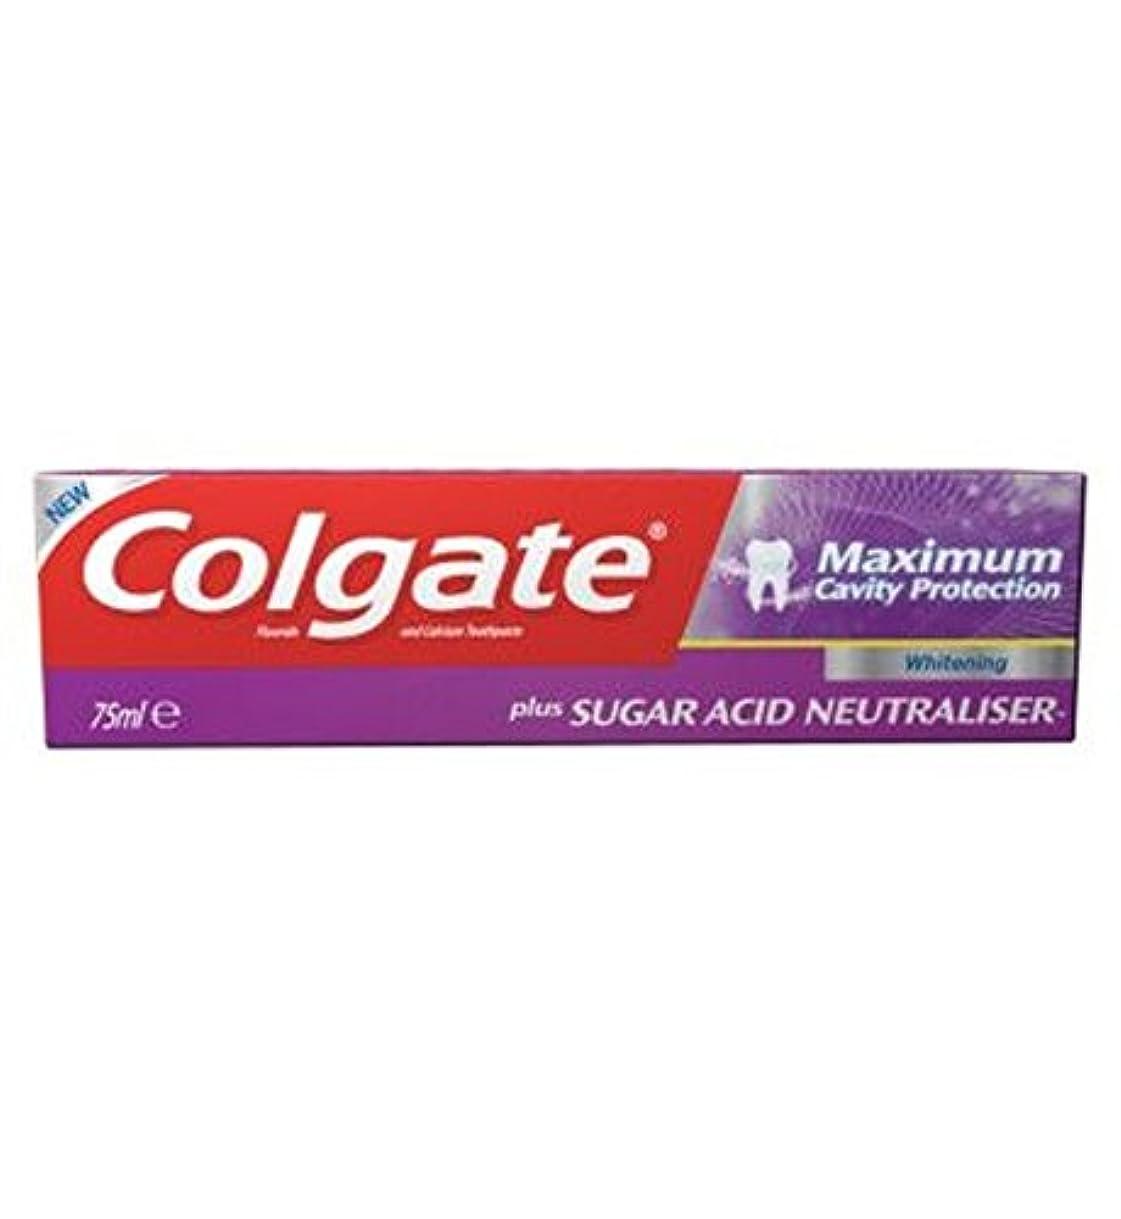 政治みすぼらしい転倒歯磨き粉75ミリリットルをホワイトニングコルゲート最大空洞の保護に加えて、糖酸中和剤 (Colgate) (x2) - Colgate Maximum Cavity Protection plus Sugar Acid...